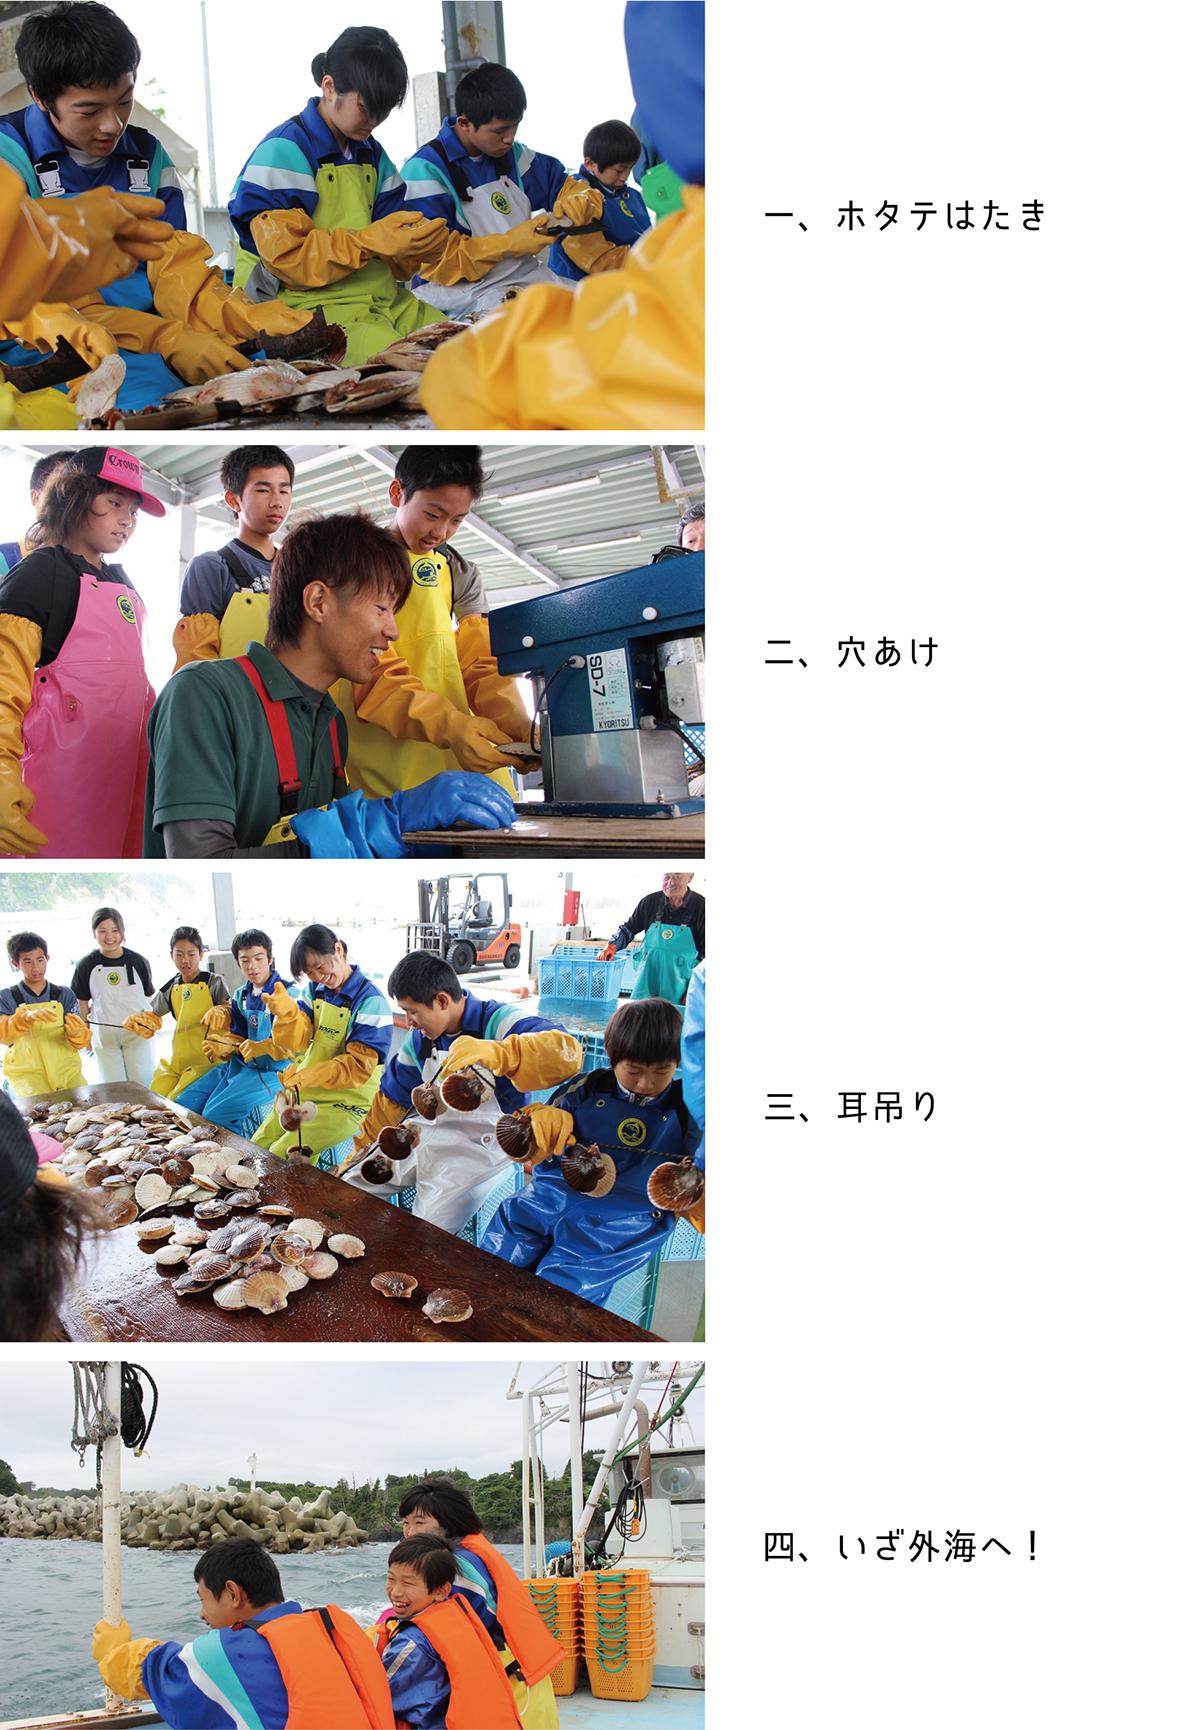 第3回すなどり先生 – イケメン漁師とホタテ養殖 –